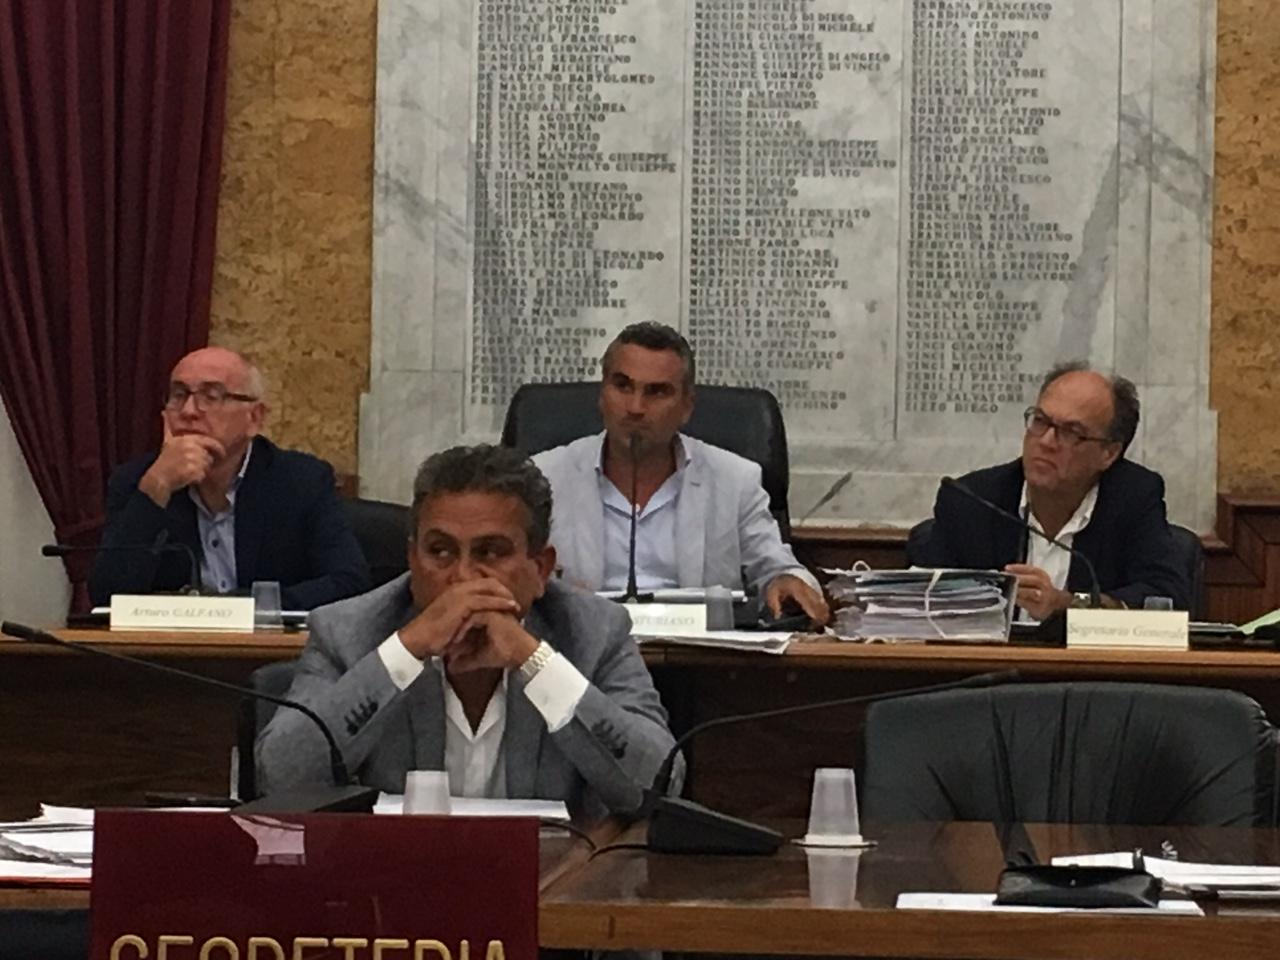 Marsala: slitta l'approvazione del Piano delle dismissioni. Ancora tensione tra Giunta e Consiglio